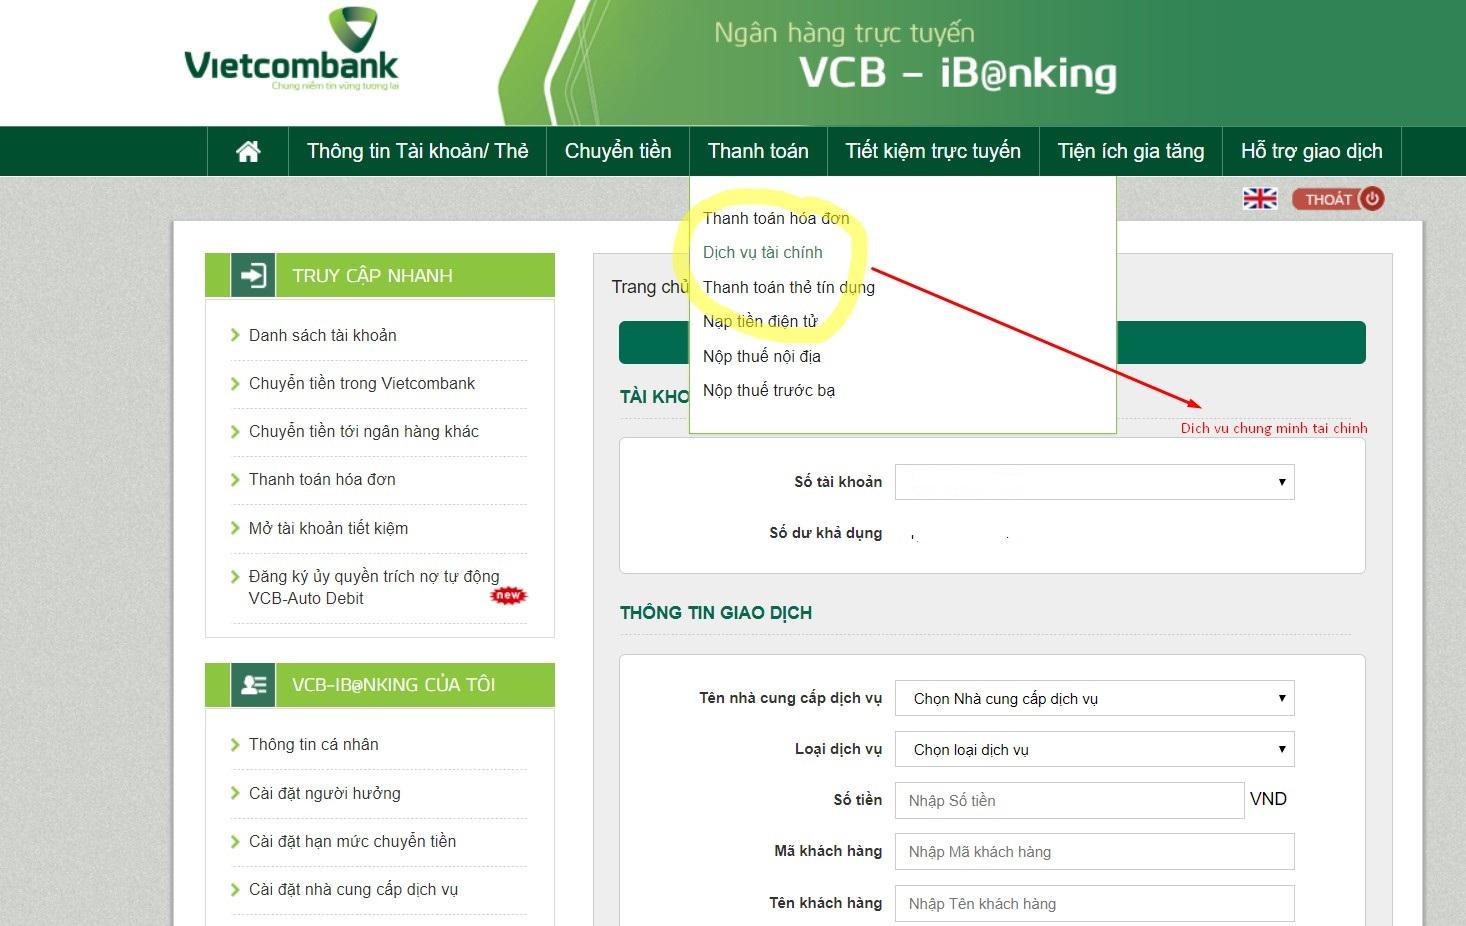 Làm sao để sử dụng dịch vụ chứng minh tài chính Vietcombank? Liên hệ với ai?